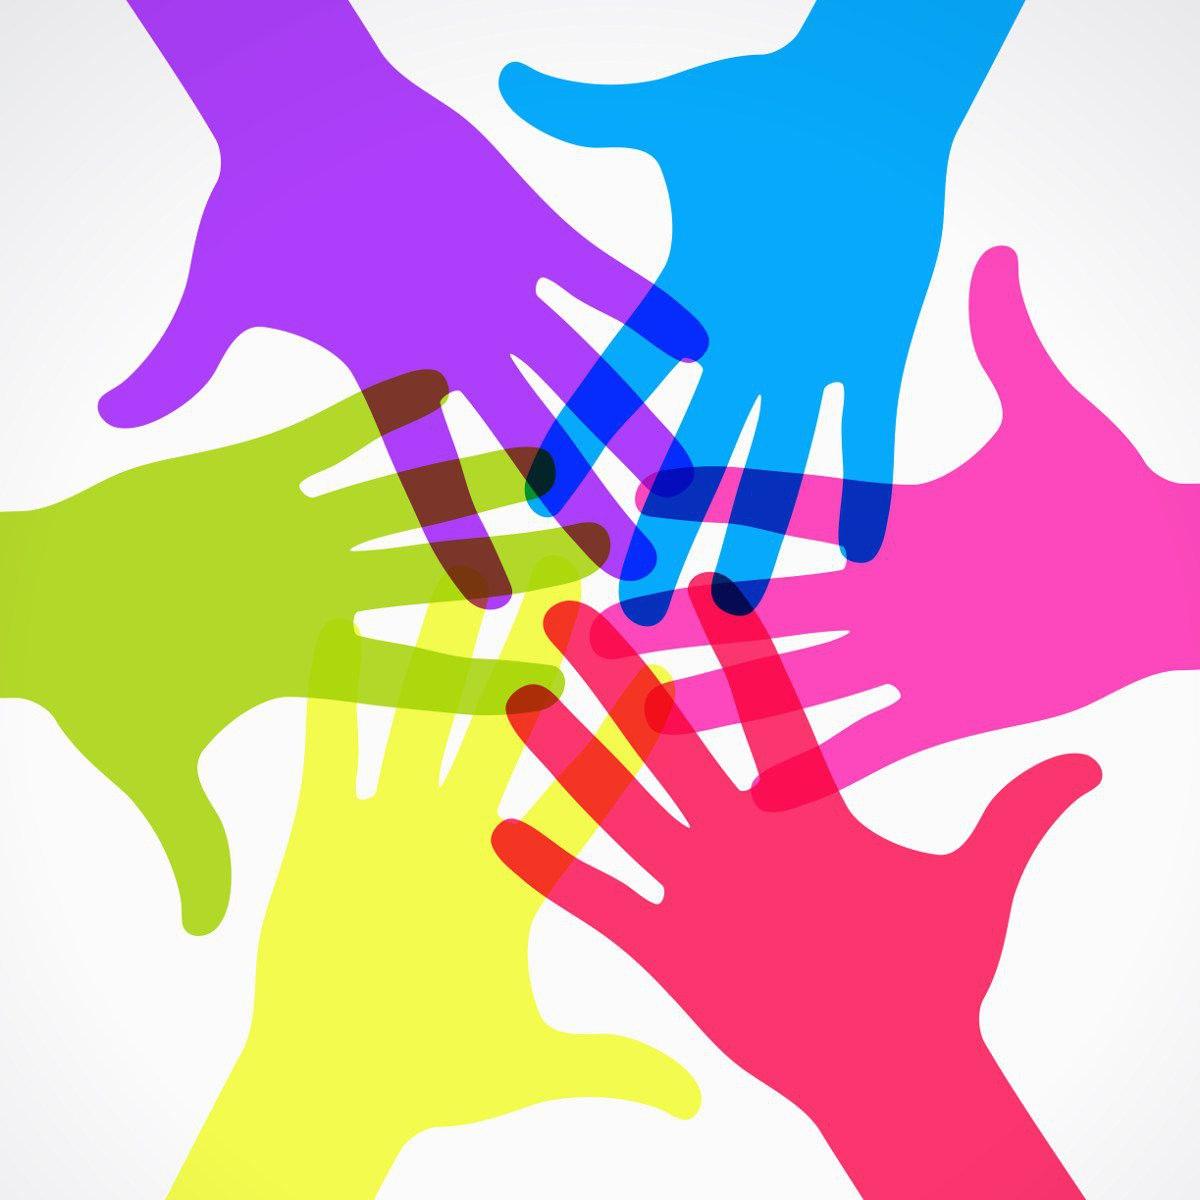 generous-leadership-hands.jpg